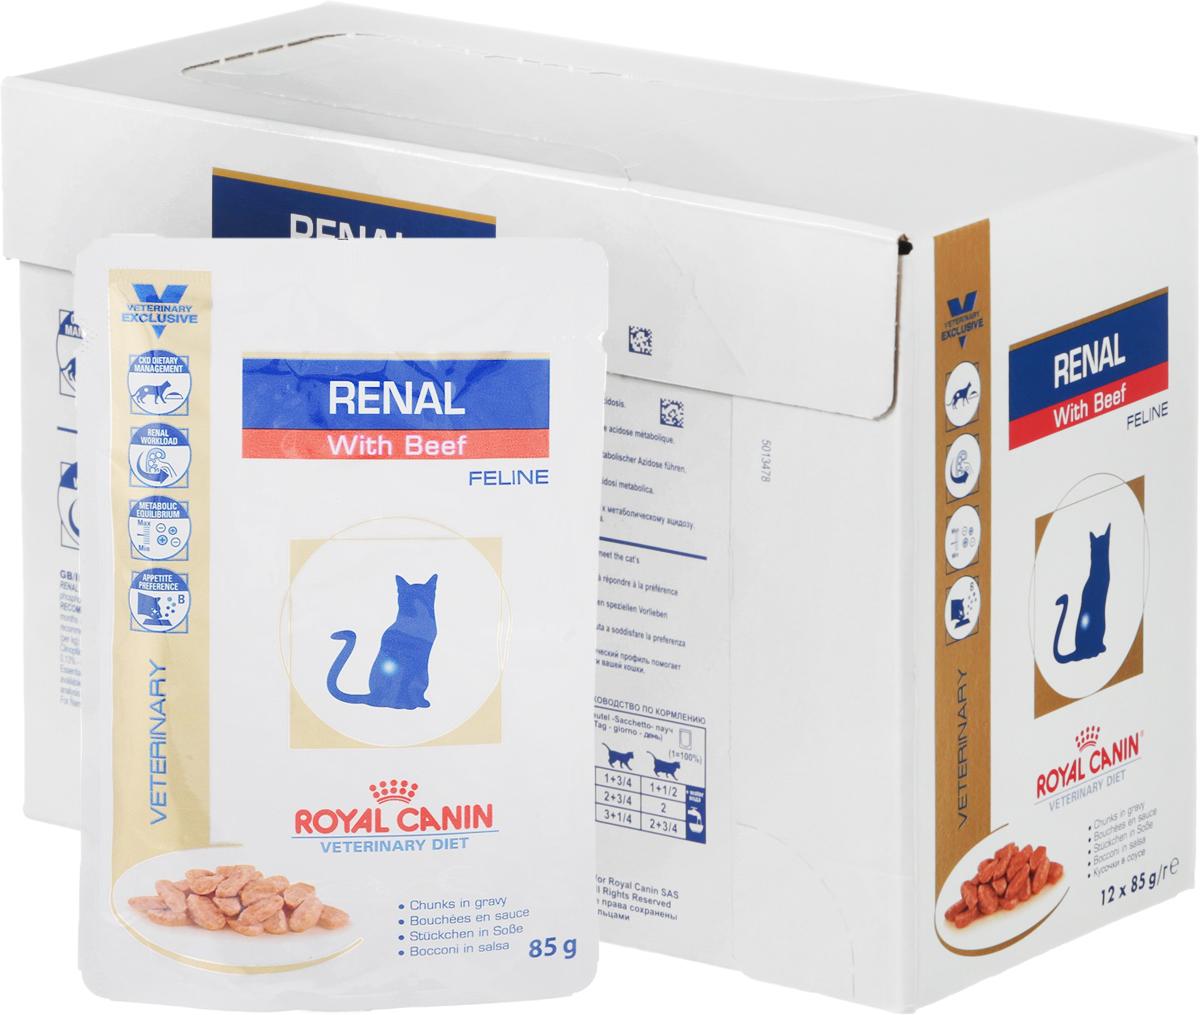 Консервы Royal Canin Renal Feline для кошек с почечной недостаточностью, с говядиной, 85 г, 12 шт58823Консервы Royal Canin Renal Feline предназначены для кошек с почечной недостаточностью. Показания: - Хроническая почечная недостаточность (ХПН); - Профилактика рецидивов образования камней оксалата кальция у кошек с ослабленной функцией почек;- Профилактика рецидивов уролитиаза (уратов, цистинов), вызванных снижением уровня рН мочи; Противопоказания: - Беременность, лактация, рост.Длительность курса применения: Минимальный срок назначения диетотерапии составляет 6 месяцев. По истечении этого времени необходимо повторное общее обследование.Если повреждены 3/4 нефронов почек, болезнь приобретает необратимый характер, и диетотерапию назначают для применения в течение всей жизни кошки. Особенности: - Диетологическое лечение ХПН. Формула продуктов специально разработана для поддержания почечной функции при ХПН. Продукты отличаются низким содержанием фосфора, содержат комплекс антиоксидантов, жирные кислоты ЕРА и DHA. При ХПН почки теряют способность надлежащим образом выводить фосфор. Низкое содержание фосфора в продукте способствует замедлению развития болезни. При кормлении диетическим кормом с адаптированным содержанием рыбьего жира (источника незаменимых жирных кислот ЕРА и DHA) повышается скорость клубочковой фильтрации. - Снижение нагрузки на почки. Чрезмерная нагрузка на почки может спровоцировать уремический криз. Высокое качество и адаптированное содержание белков способствуют снижению нагрузки на почки. Если содержание белка в рационе значительно превышает минимальные потребности, при сниженной экскреторной функции почек продукты распада азота накапливаются в биологических жидкостях. - Метаболическое равновесие. ХПН может привести к метаболическому ацидозу, поэтому в состав продуктов входят подщелачивающие вещества. Почки играют важнейшую роль в поддержании кислотно-щелочного баланса. При нарушенной функции почек их способность к выведению ионов водорода и реабс